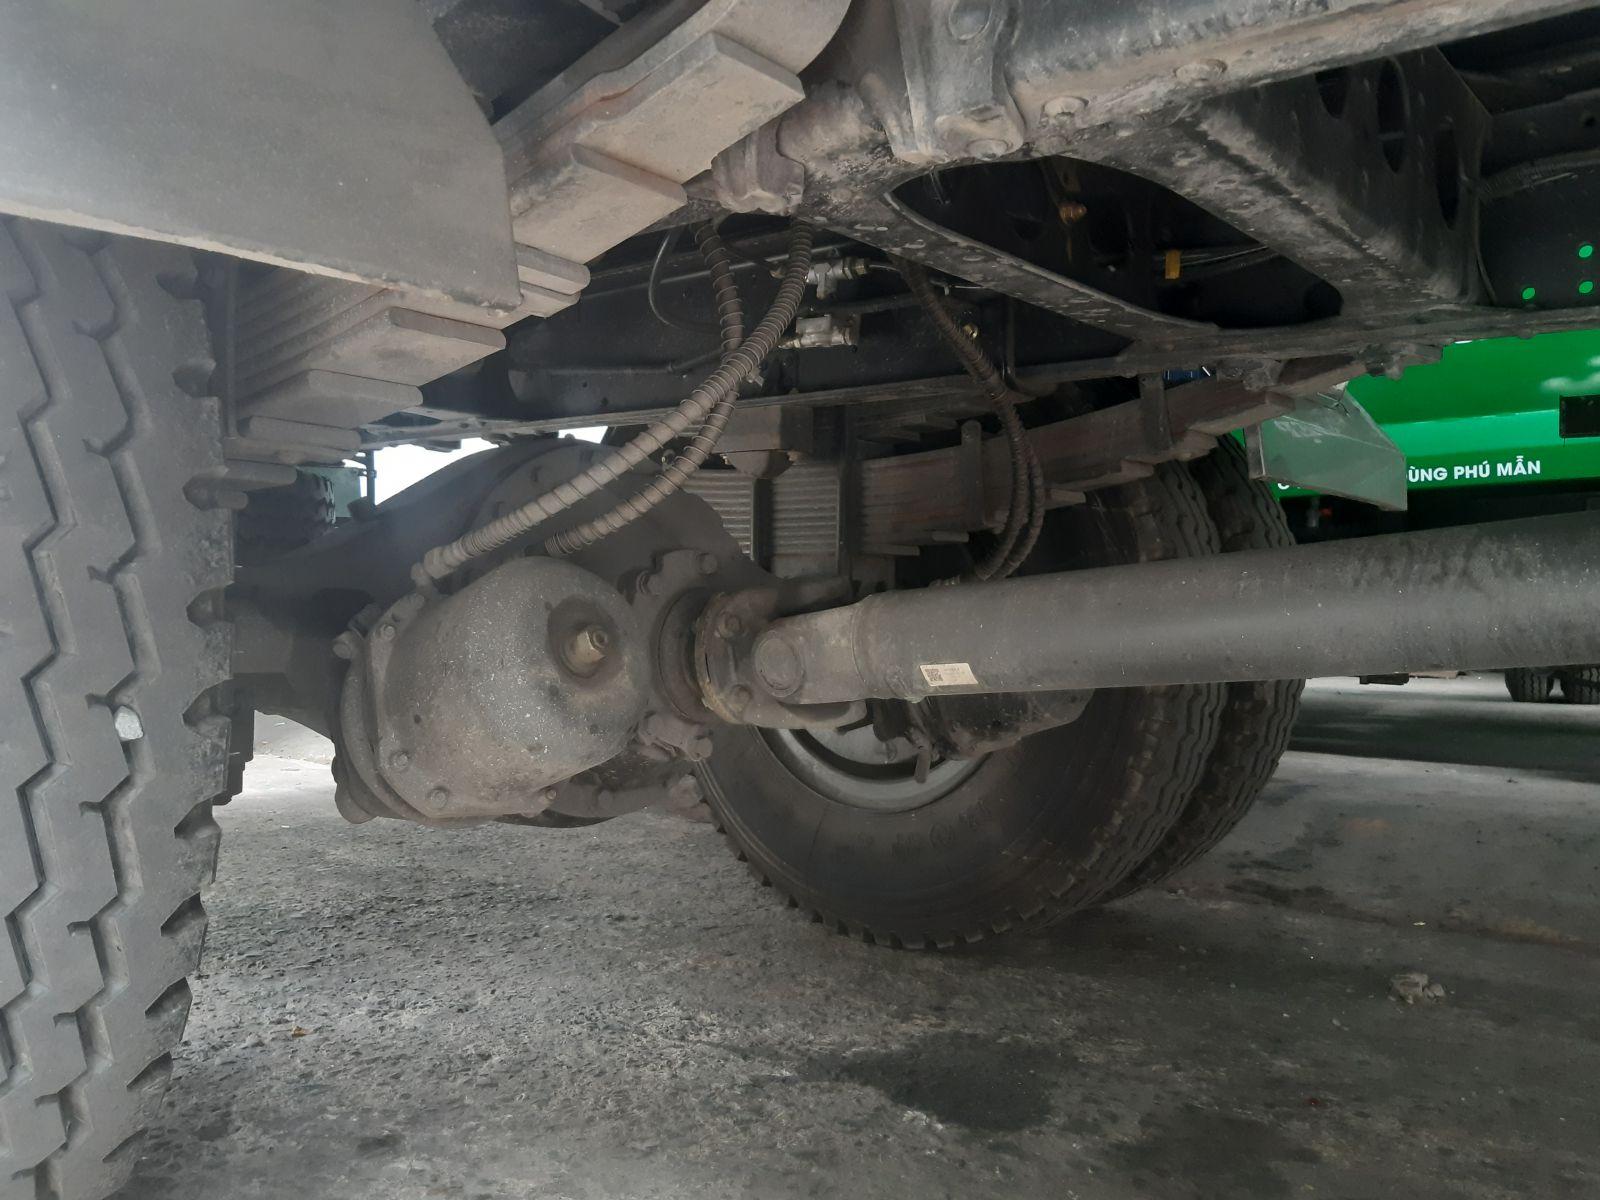 xe tai dongfeng b180 thung kin